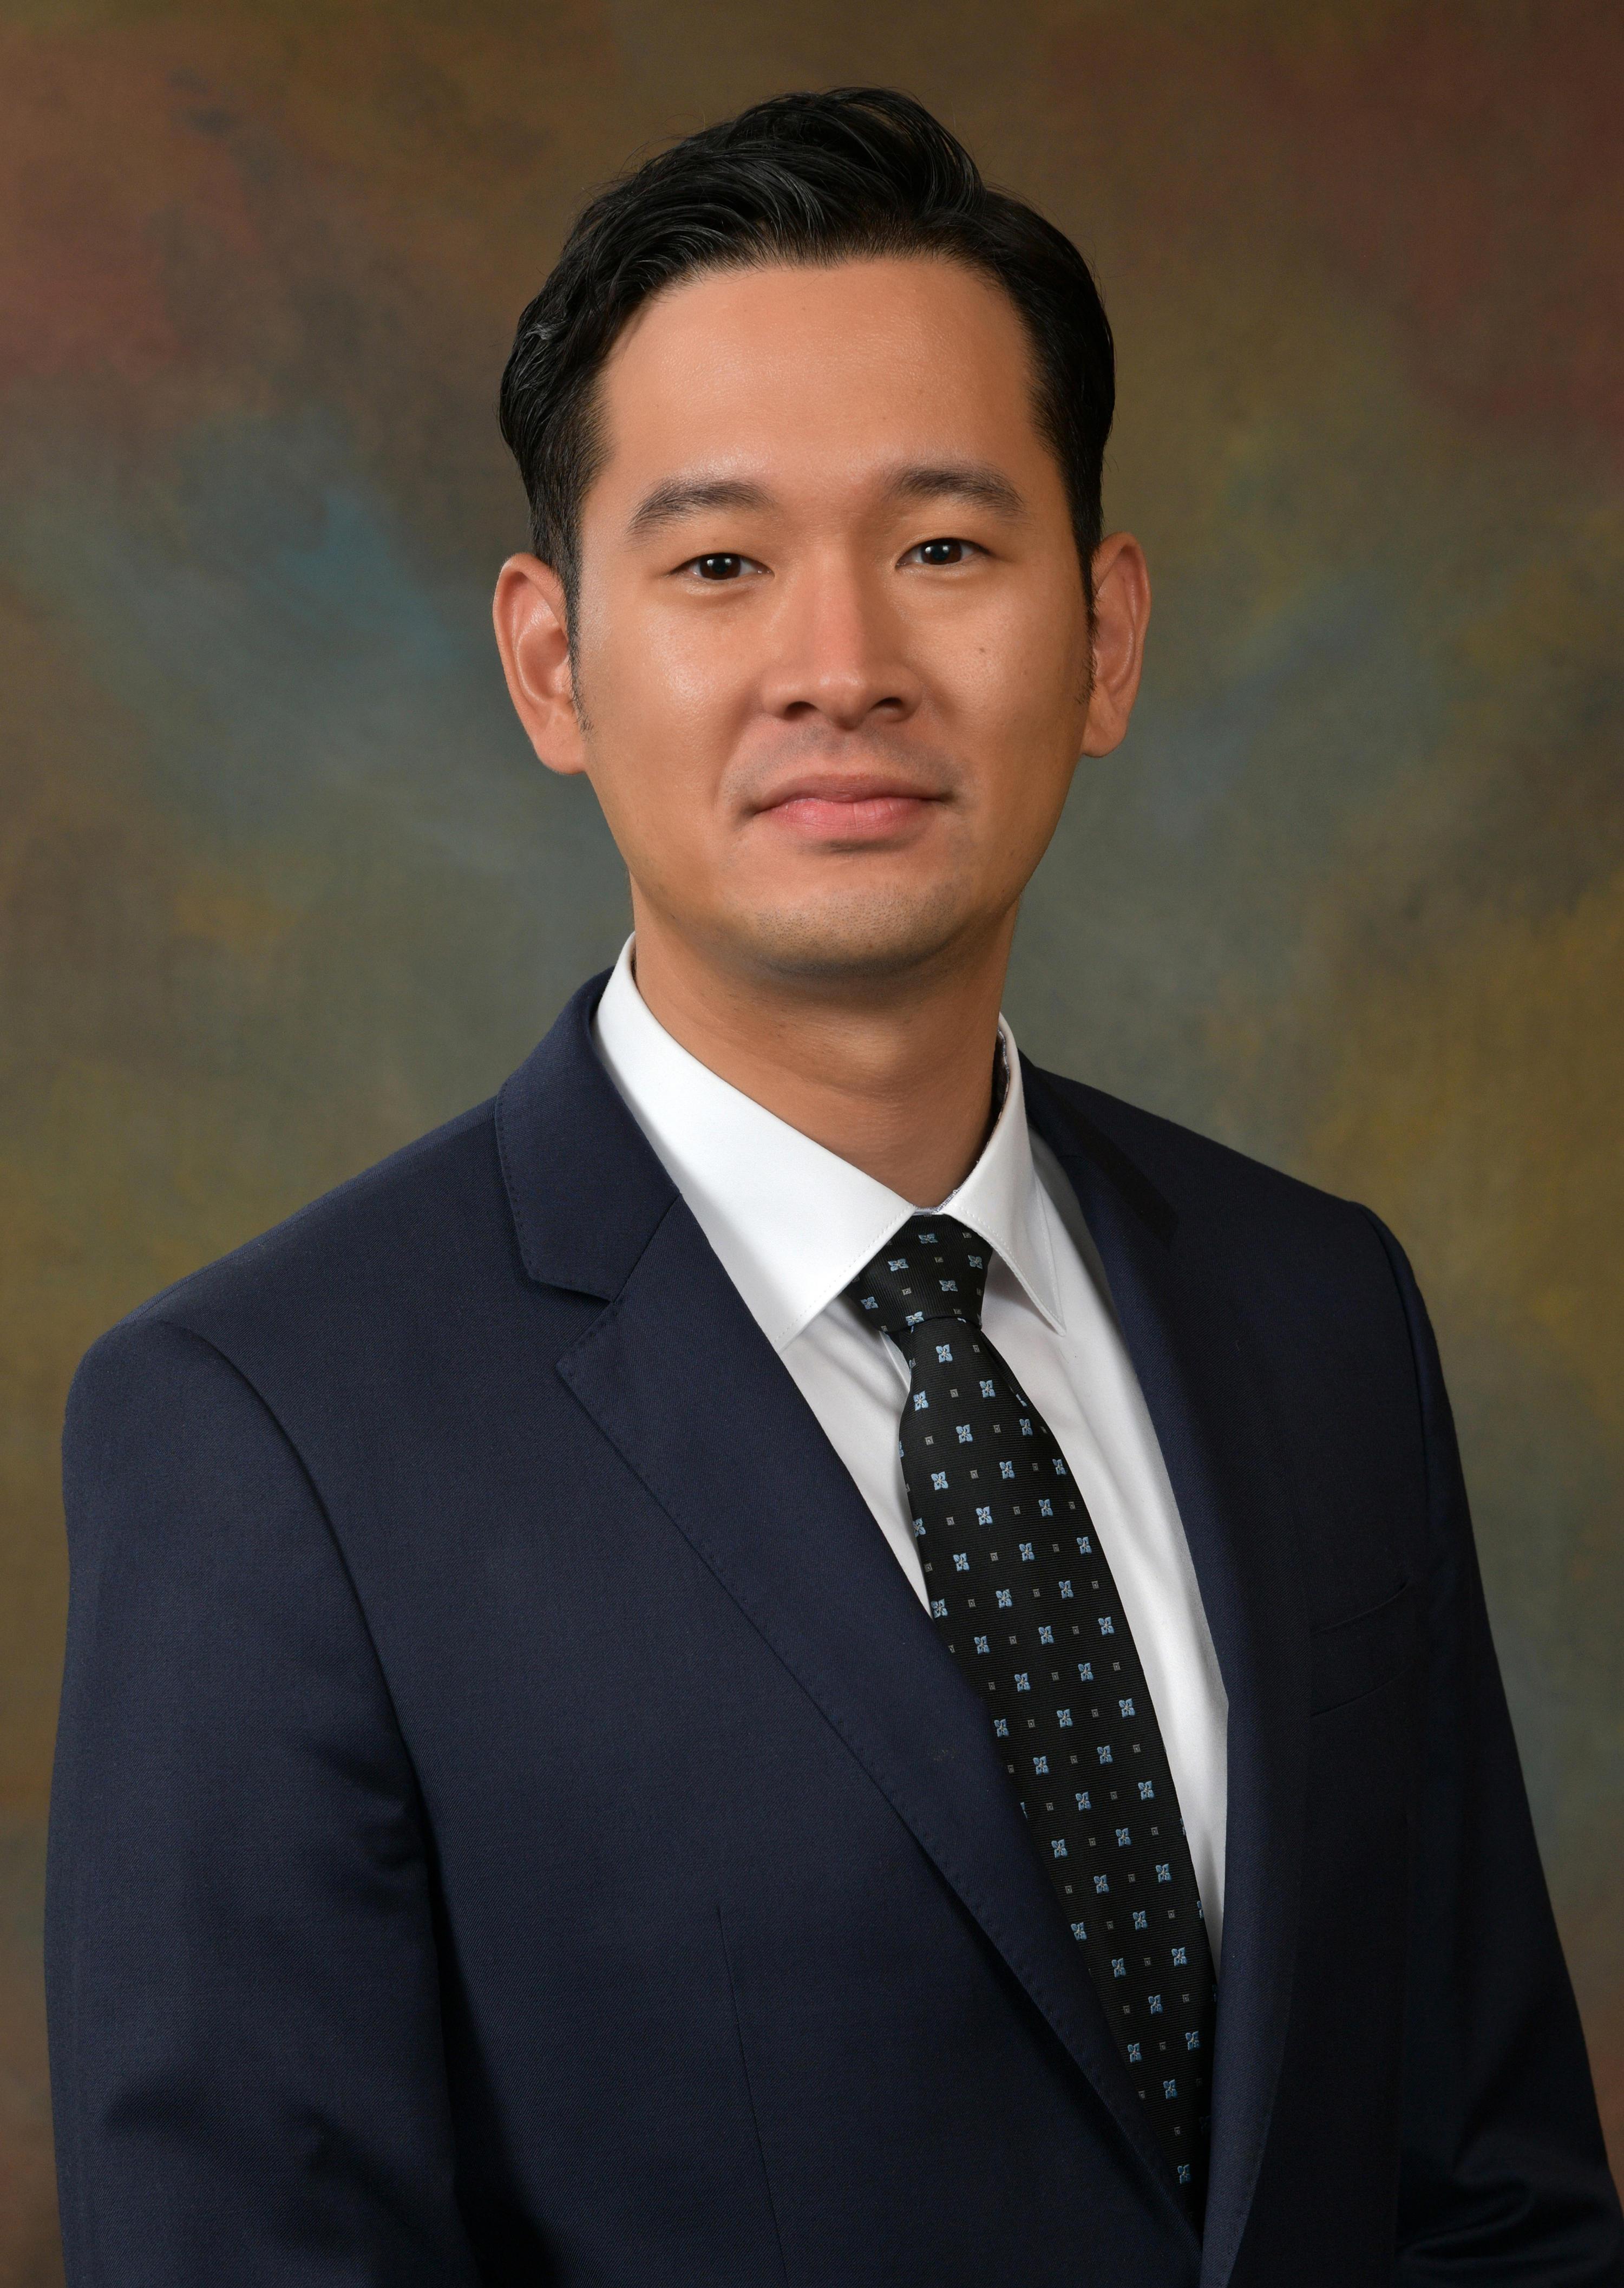 Dennis Han